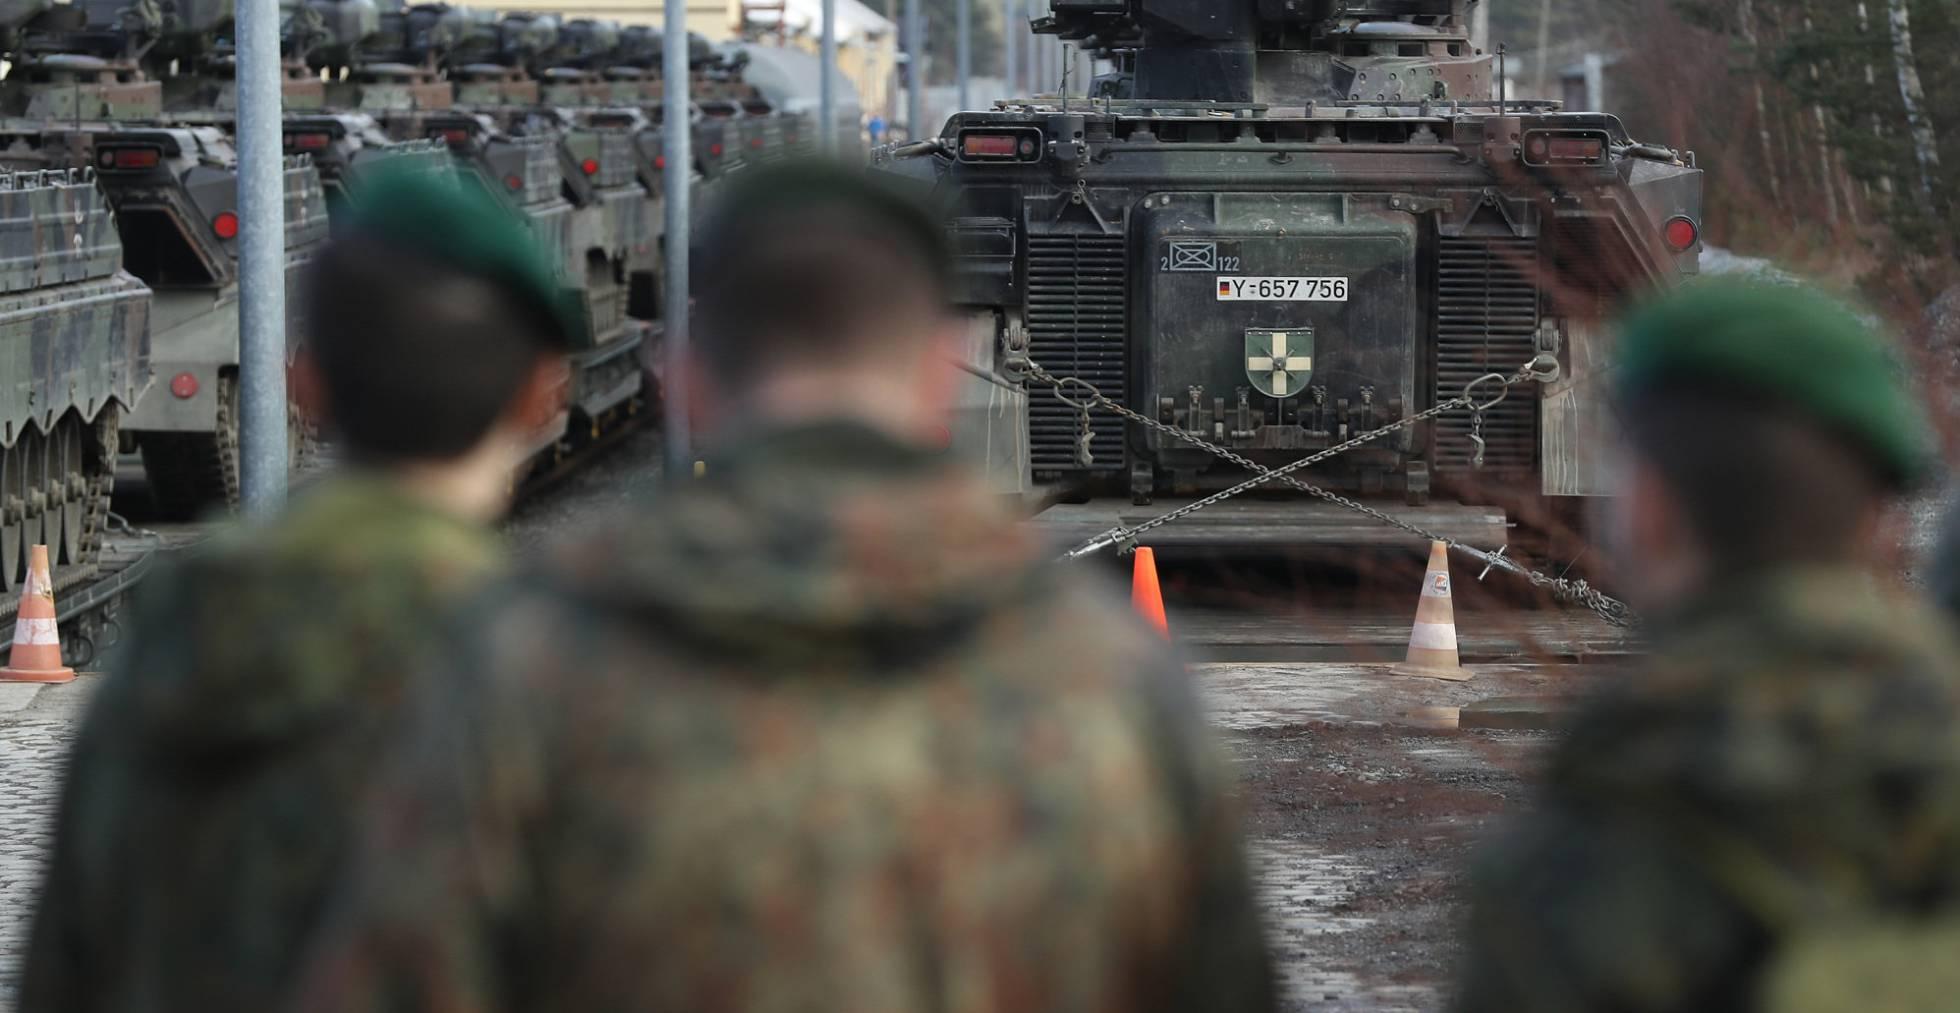 Alemania redefine su politica de seguridad nacional. - Página 2 1487707965_625733_1487709108_noticia_normal_recorte1